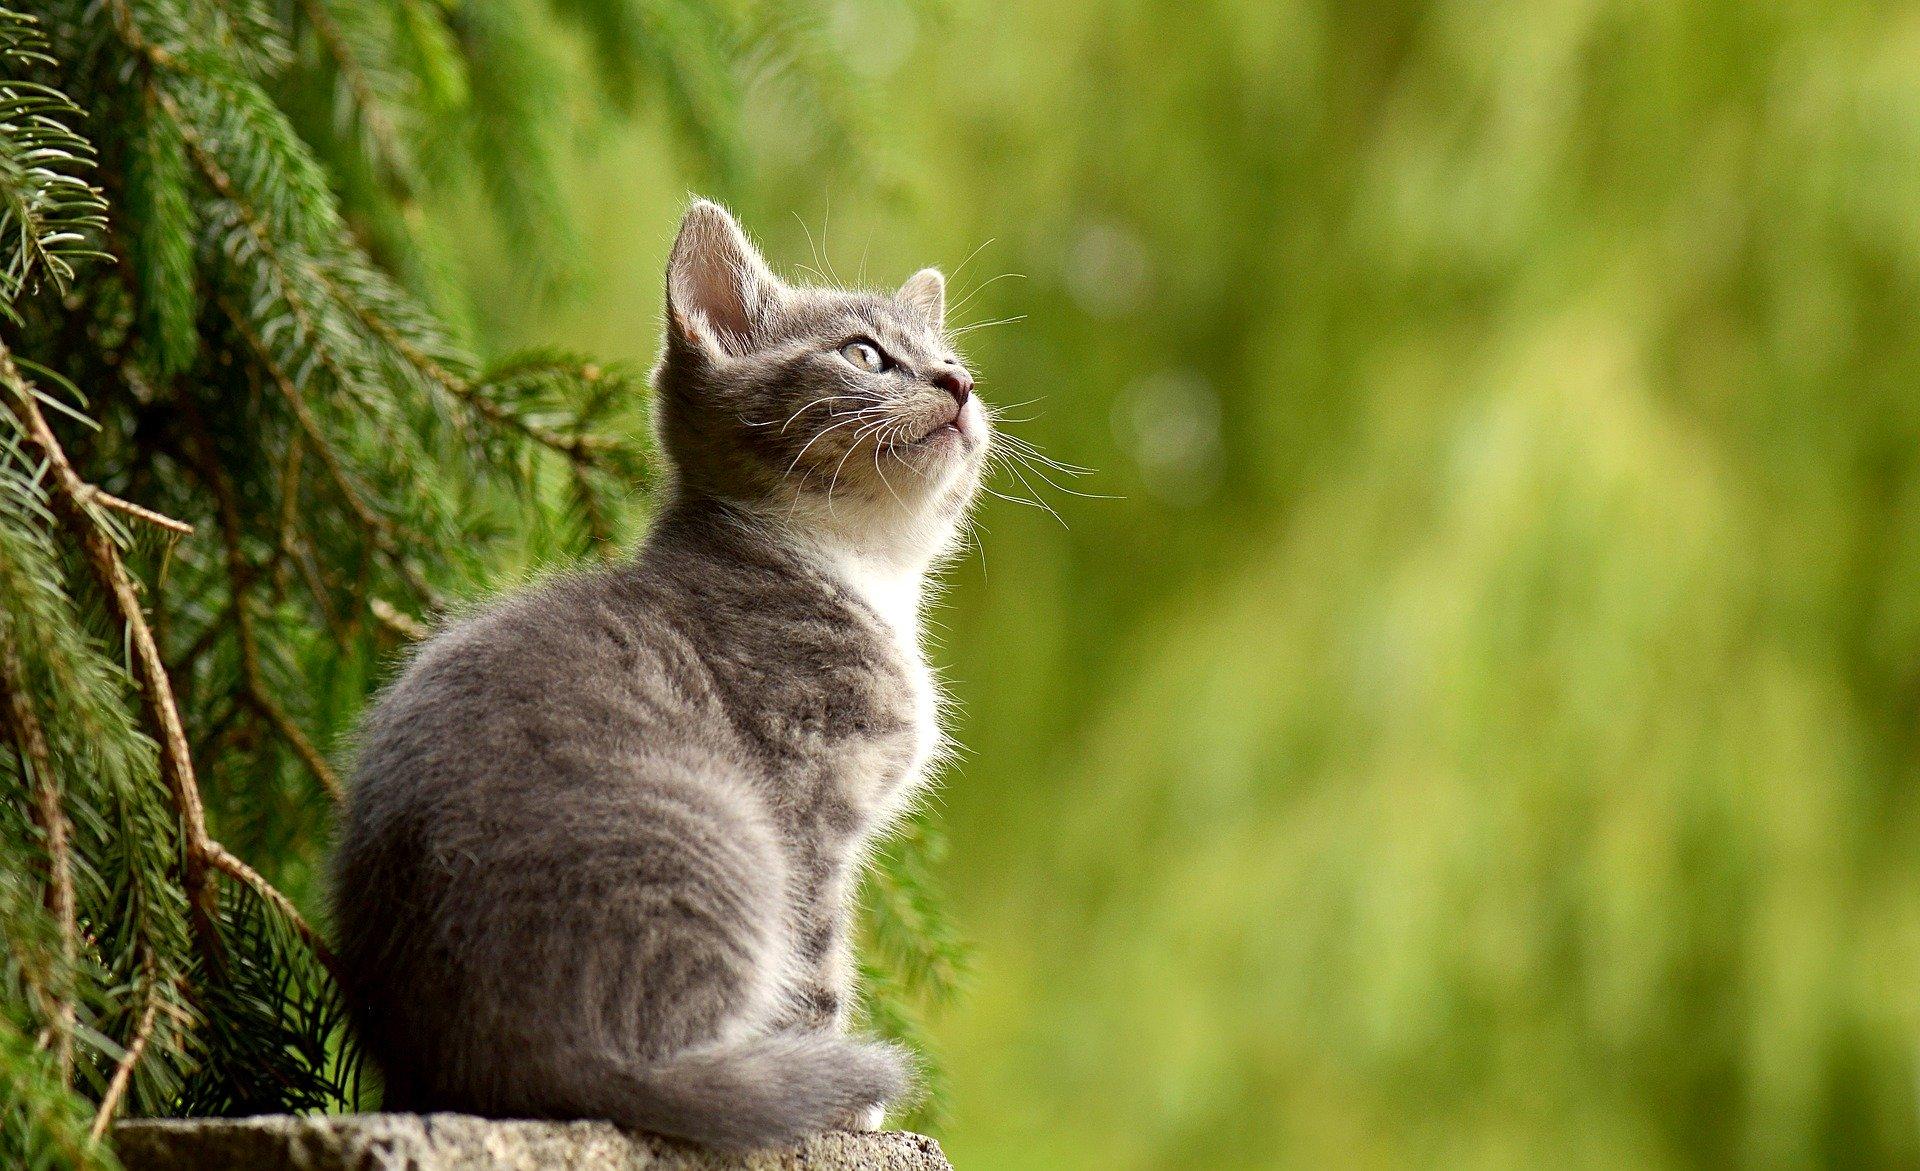 Cosas que quizás no sepas sobre los gatos